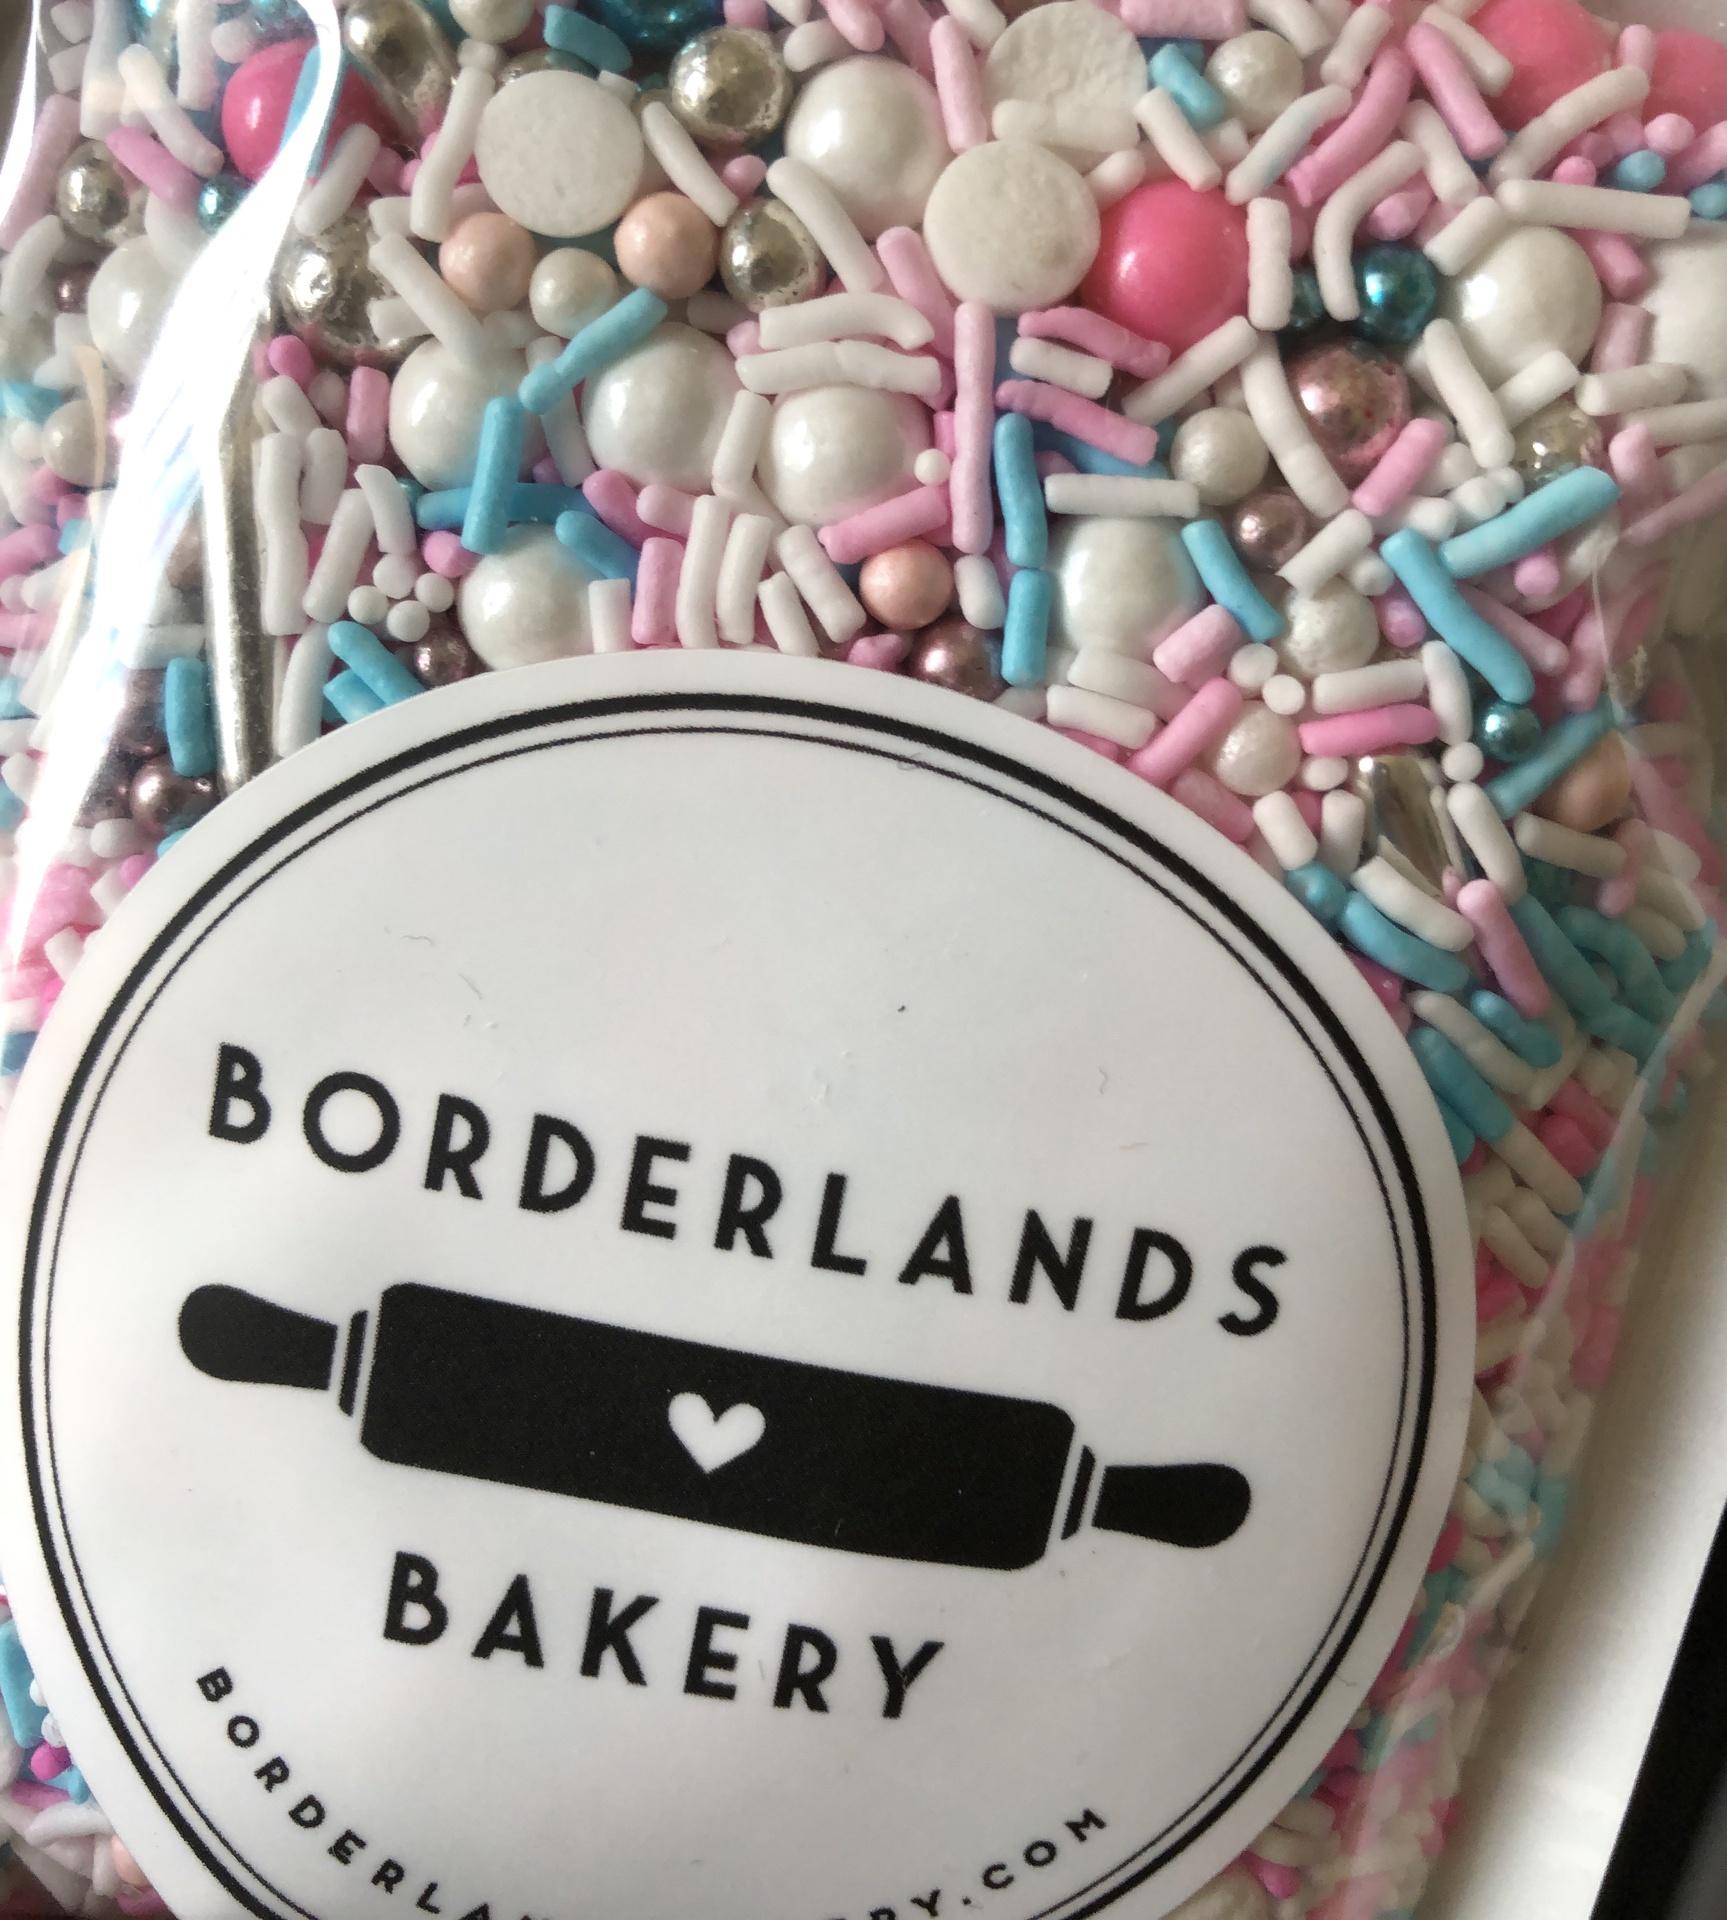 Borderlands Bakery Sprinkles: Mystic Mix